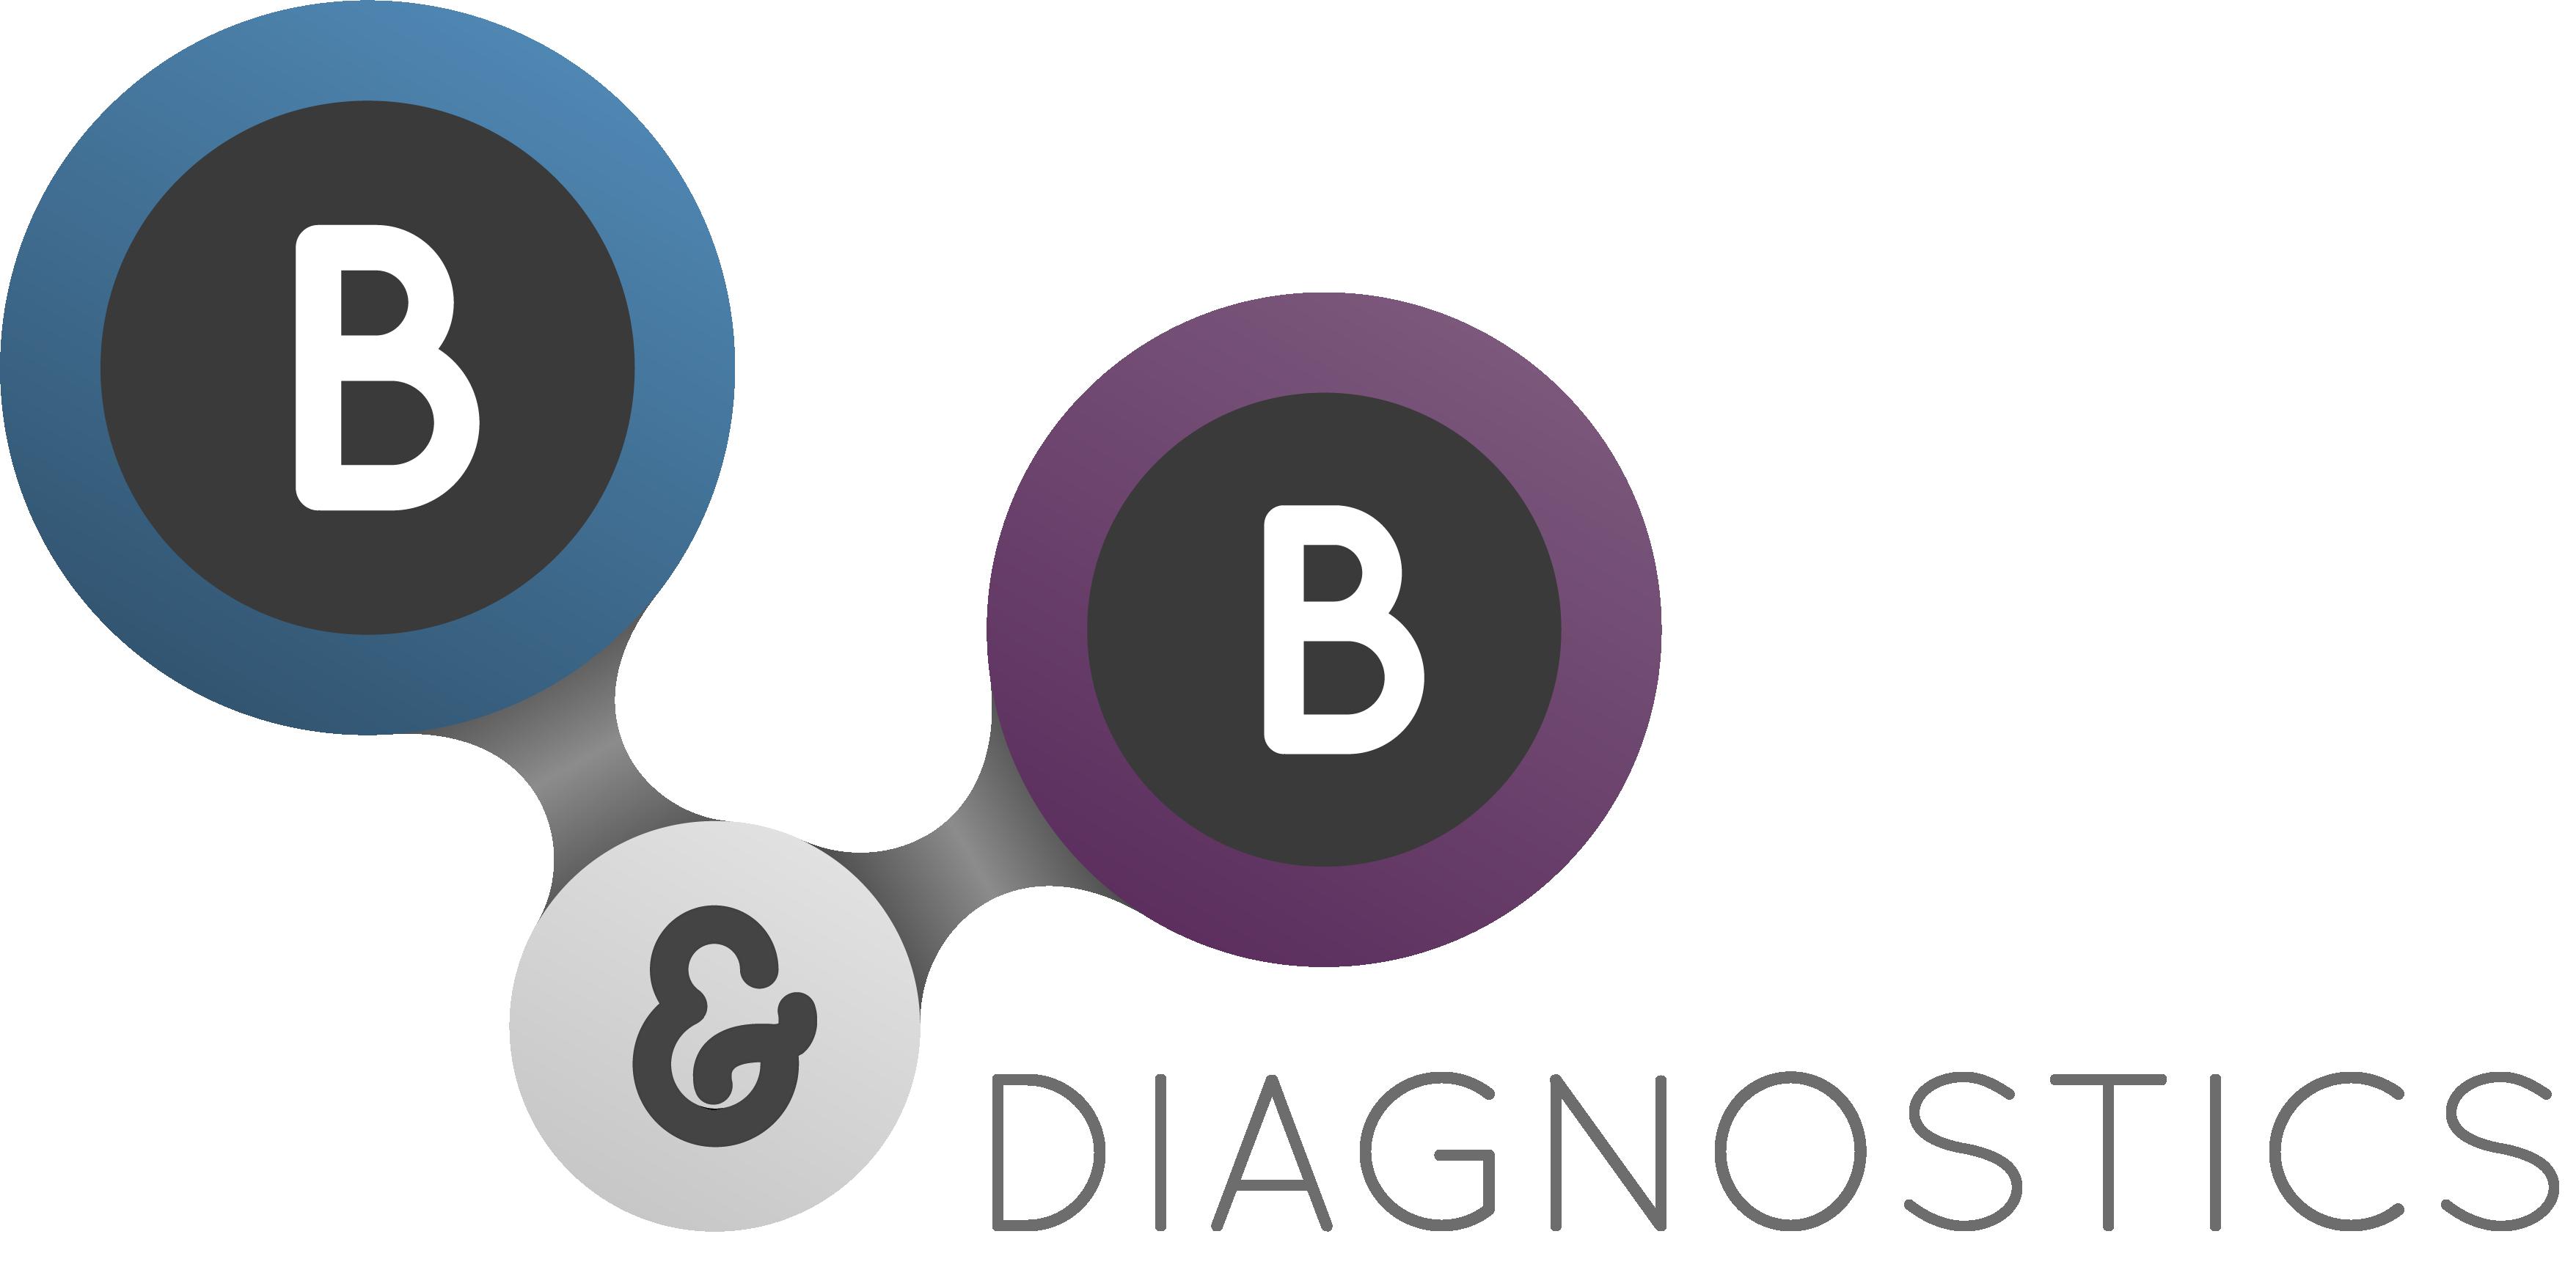 Barry Nicholson B_B Logo for WR